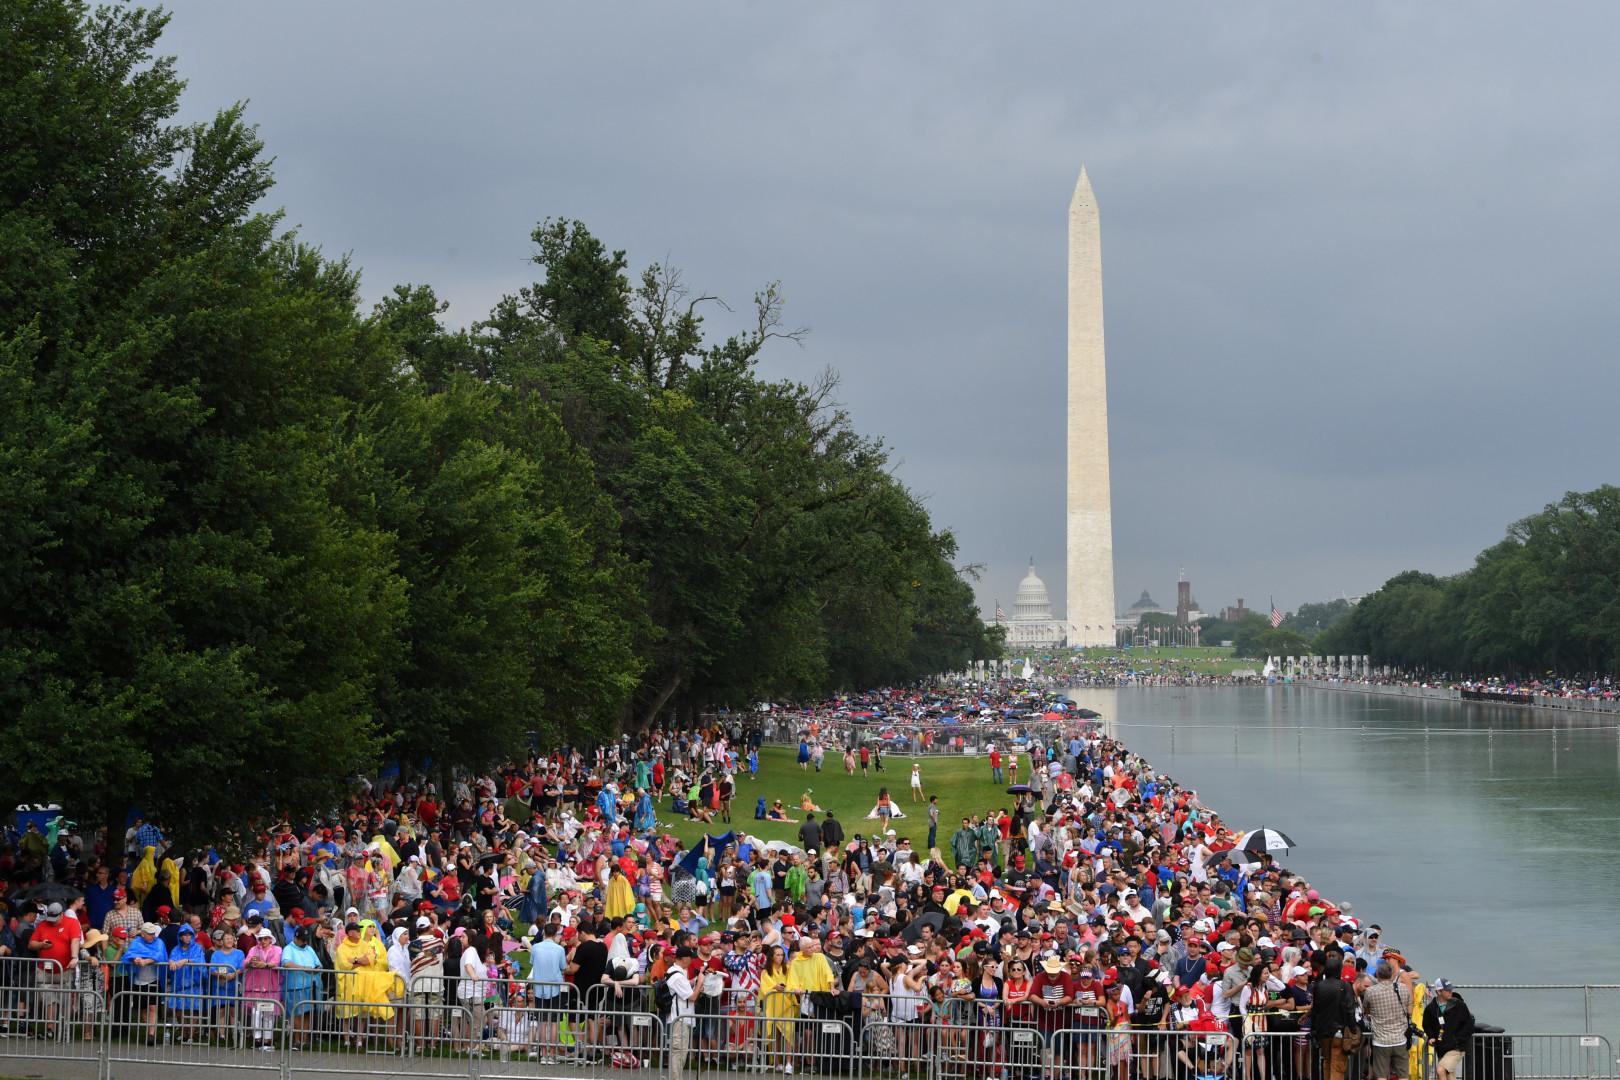 La pluie n'a pas arrêté les Américains venus vivre cette fête nationale sur les pelouses du National Mall, à Wahsington.